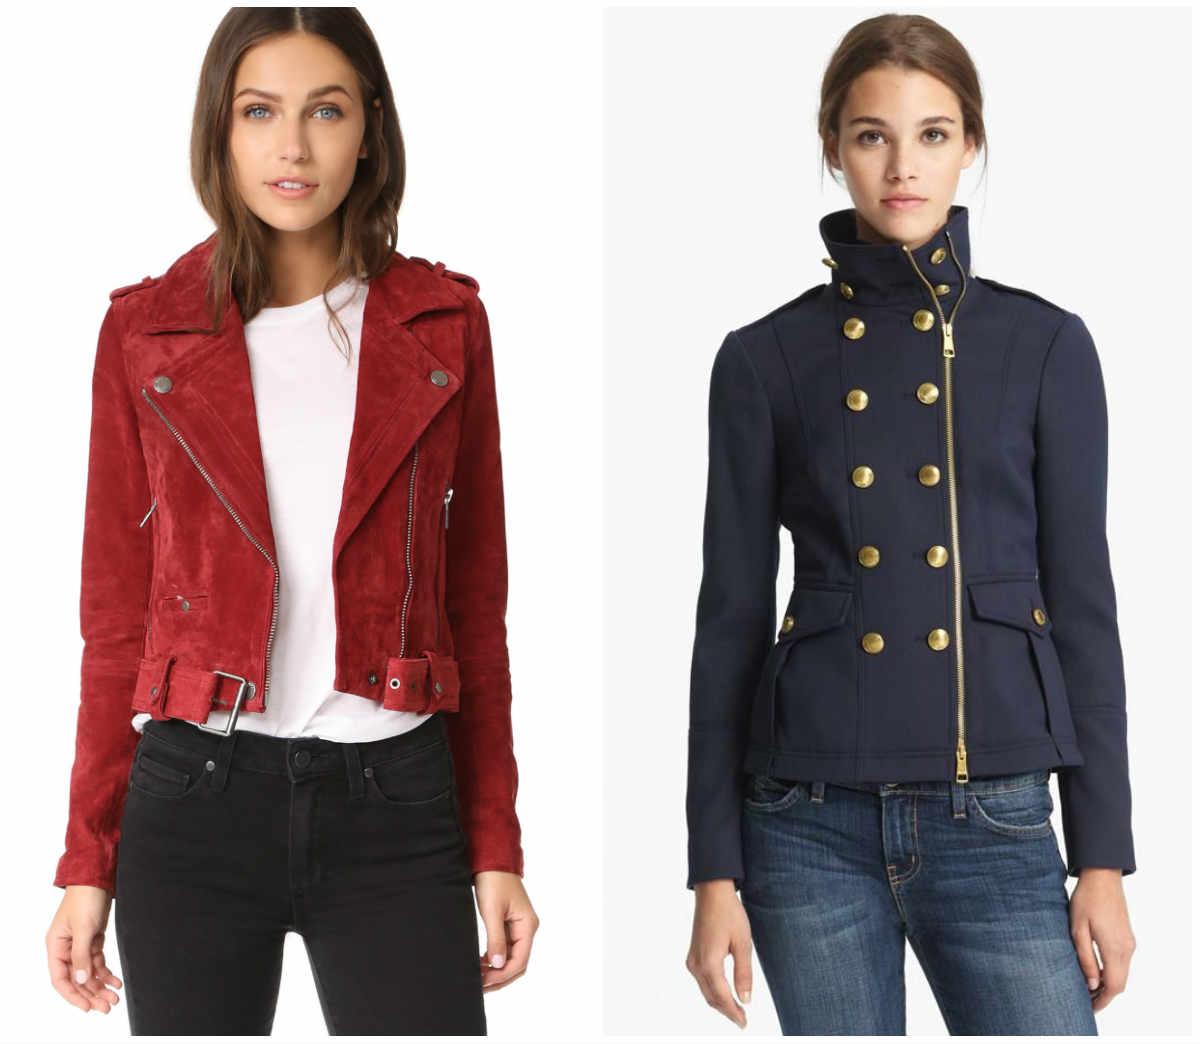 Стильные женские куртки, последние тренды и тенденции моды